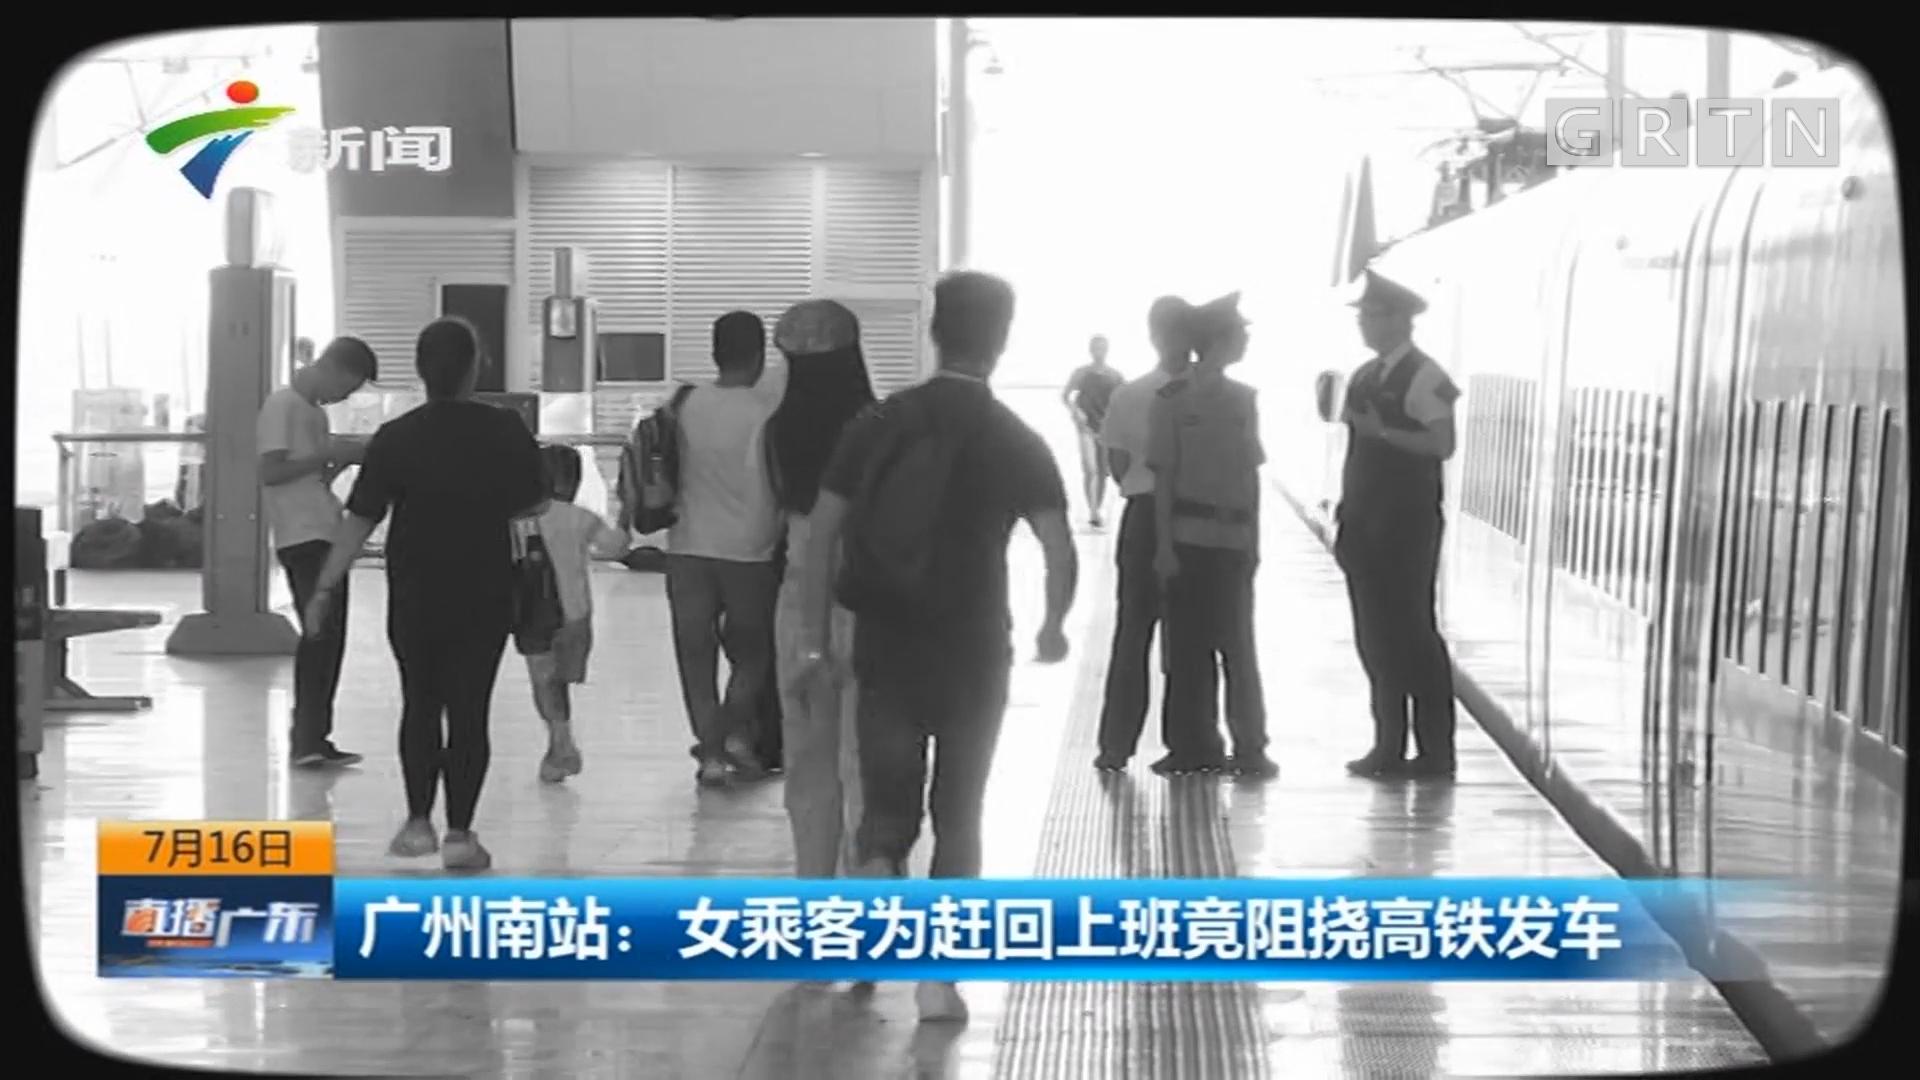 广州南站:女乘客为赶回上班竟阻挠高铁发车